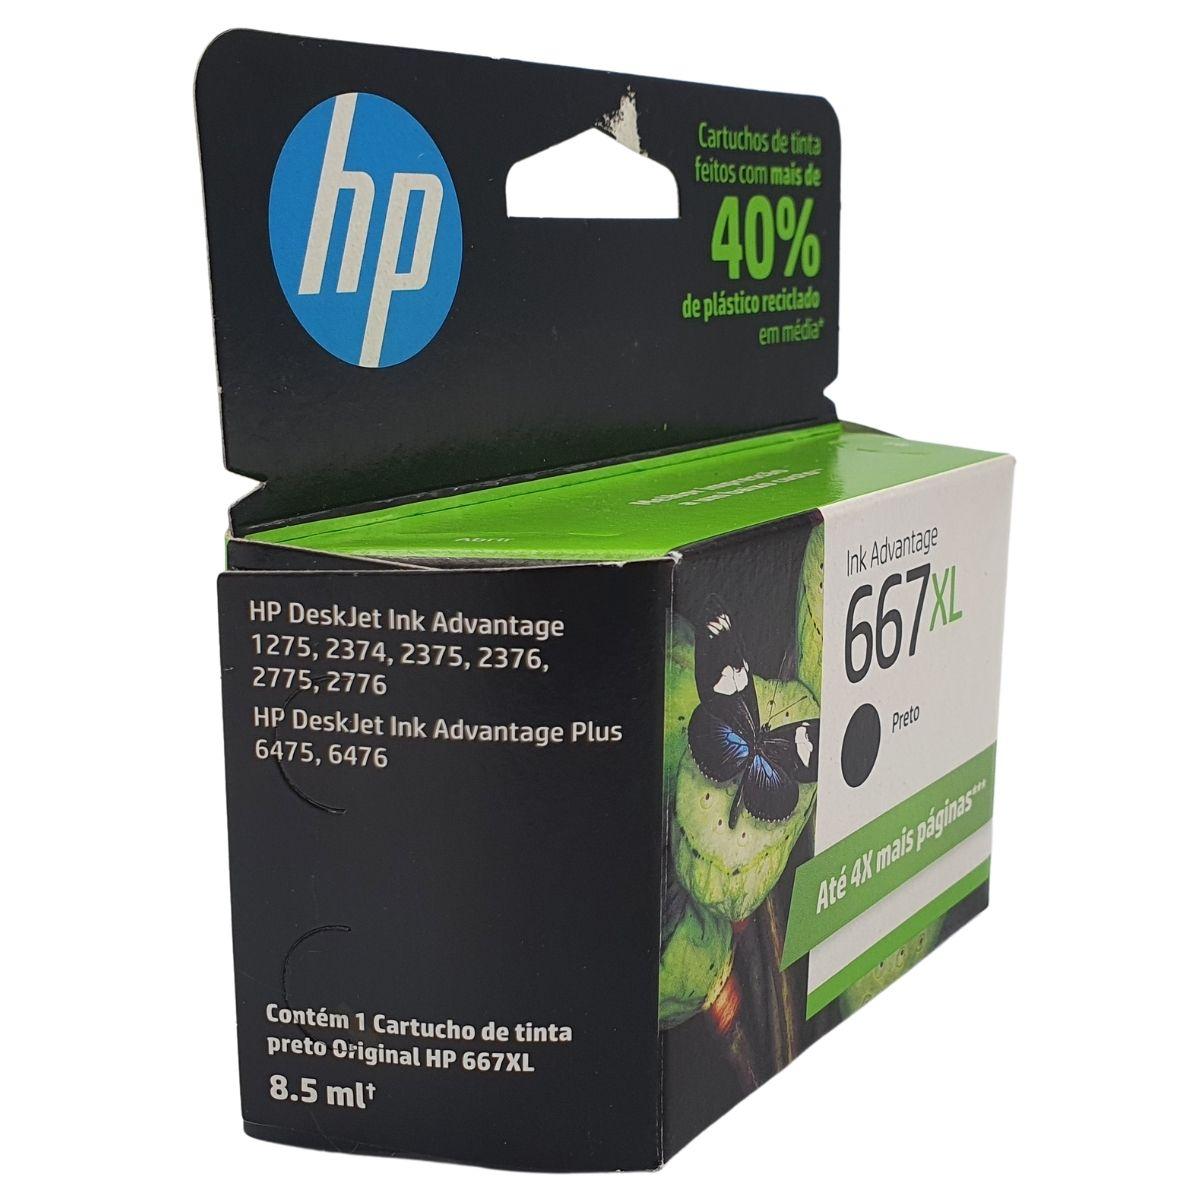 Cartucho HP 667XL 3YM81AL Preto Alto rendimento para 2376 2775 2776 6475 6476